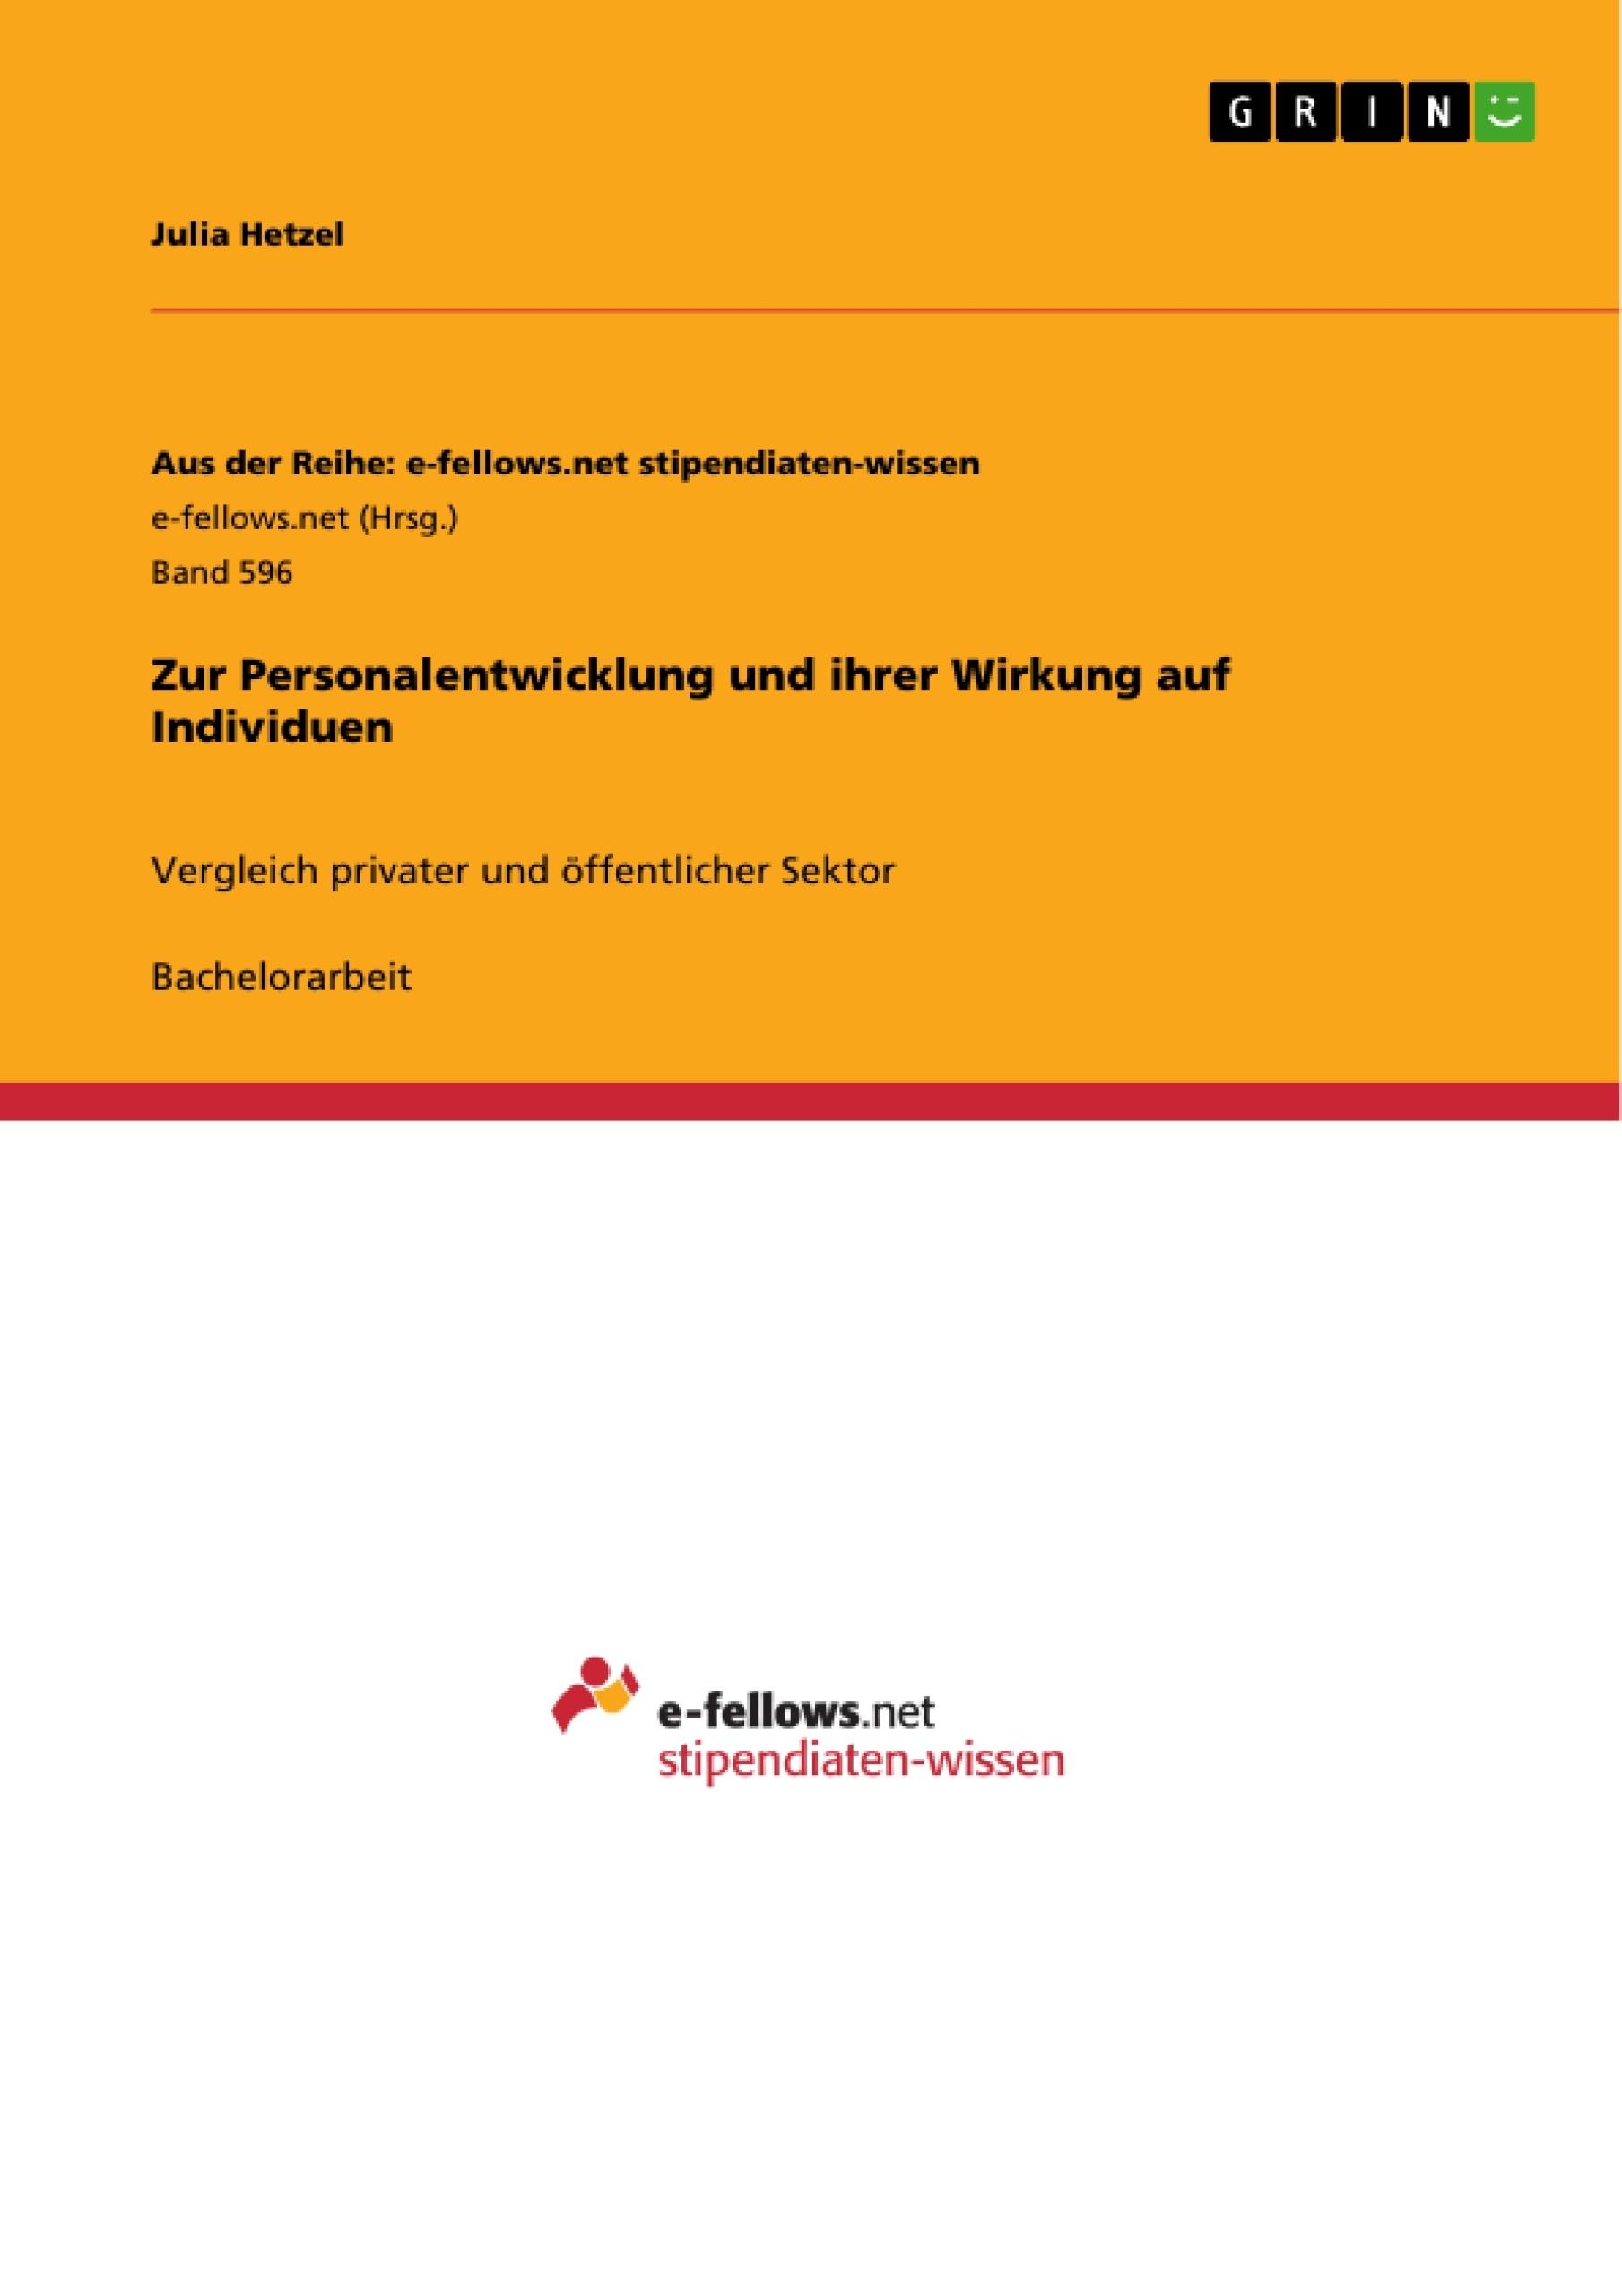 Titel: Zur Personalentwicklung und ihrer Wirkung auf Individuen